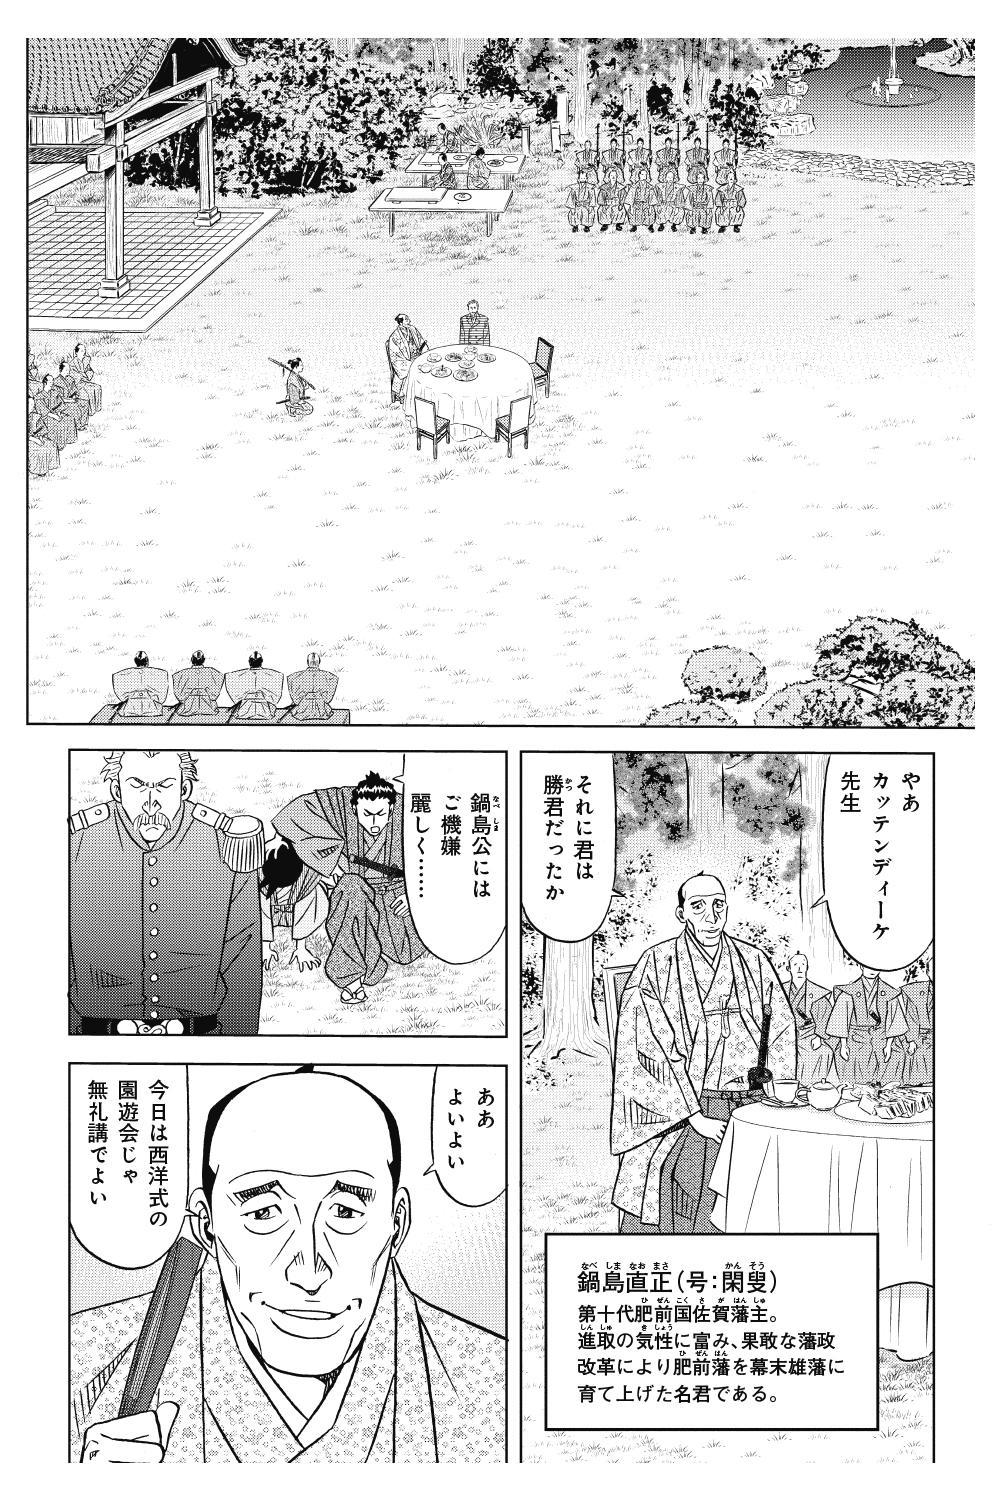 ミスター味っ子 幕末編 第2話「列強襲来」①ajikko2-1-10.jpg